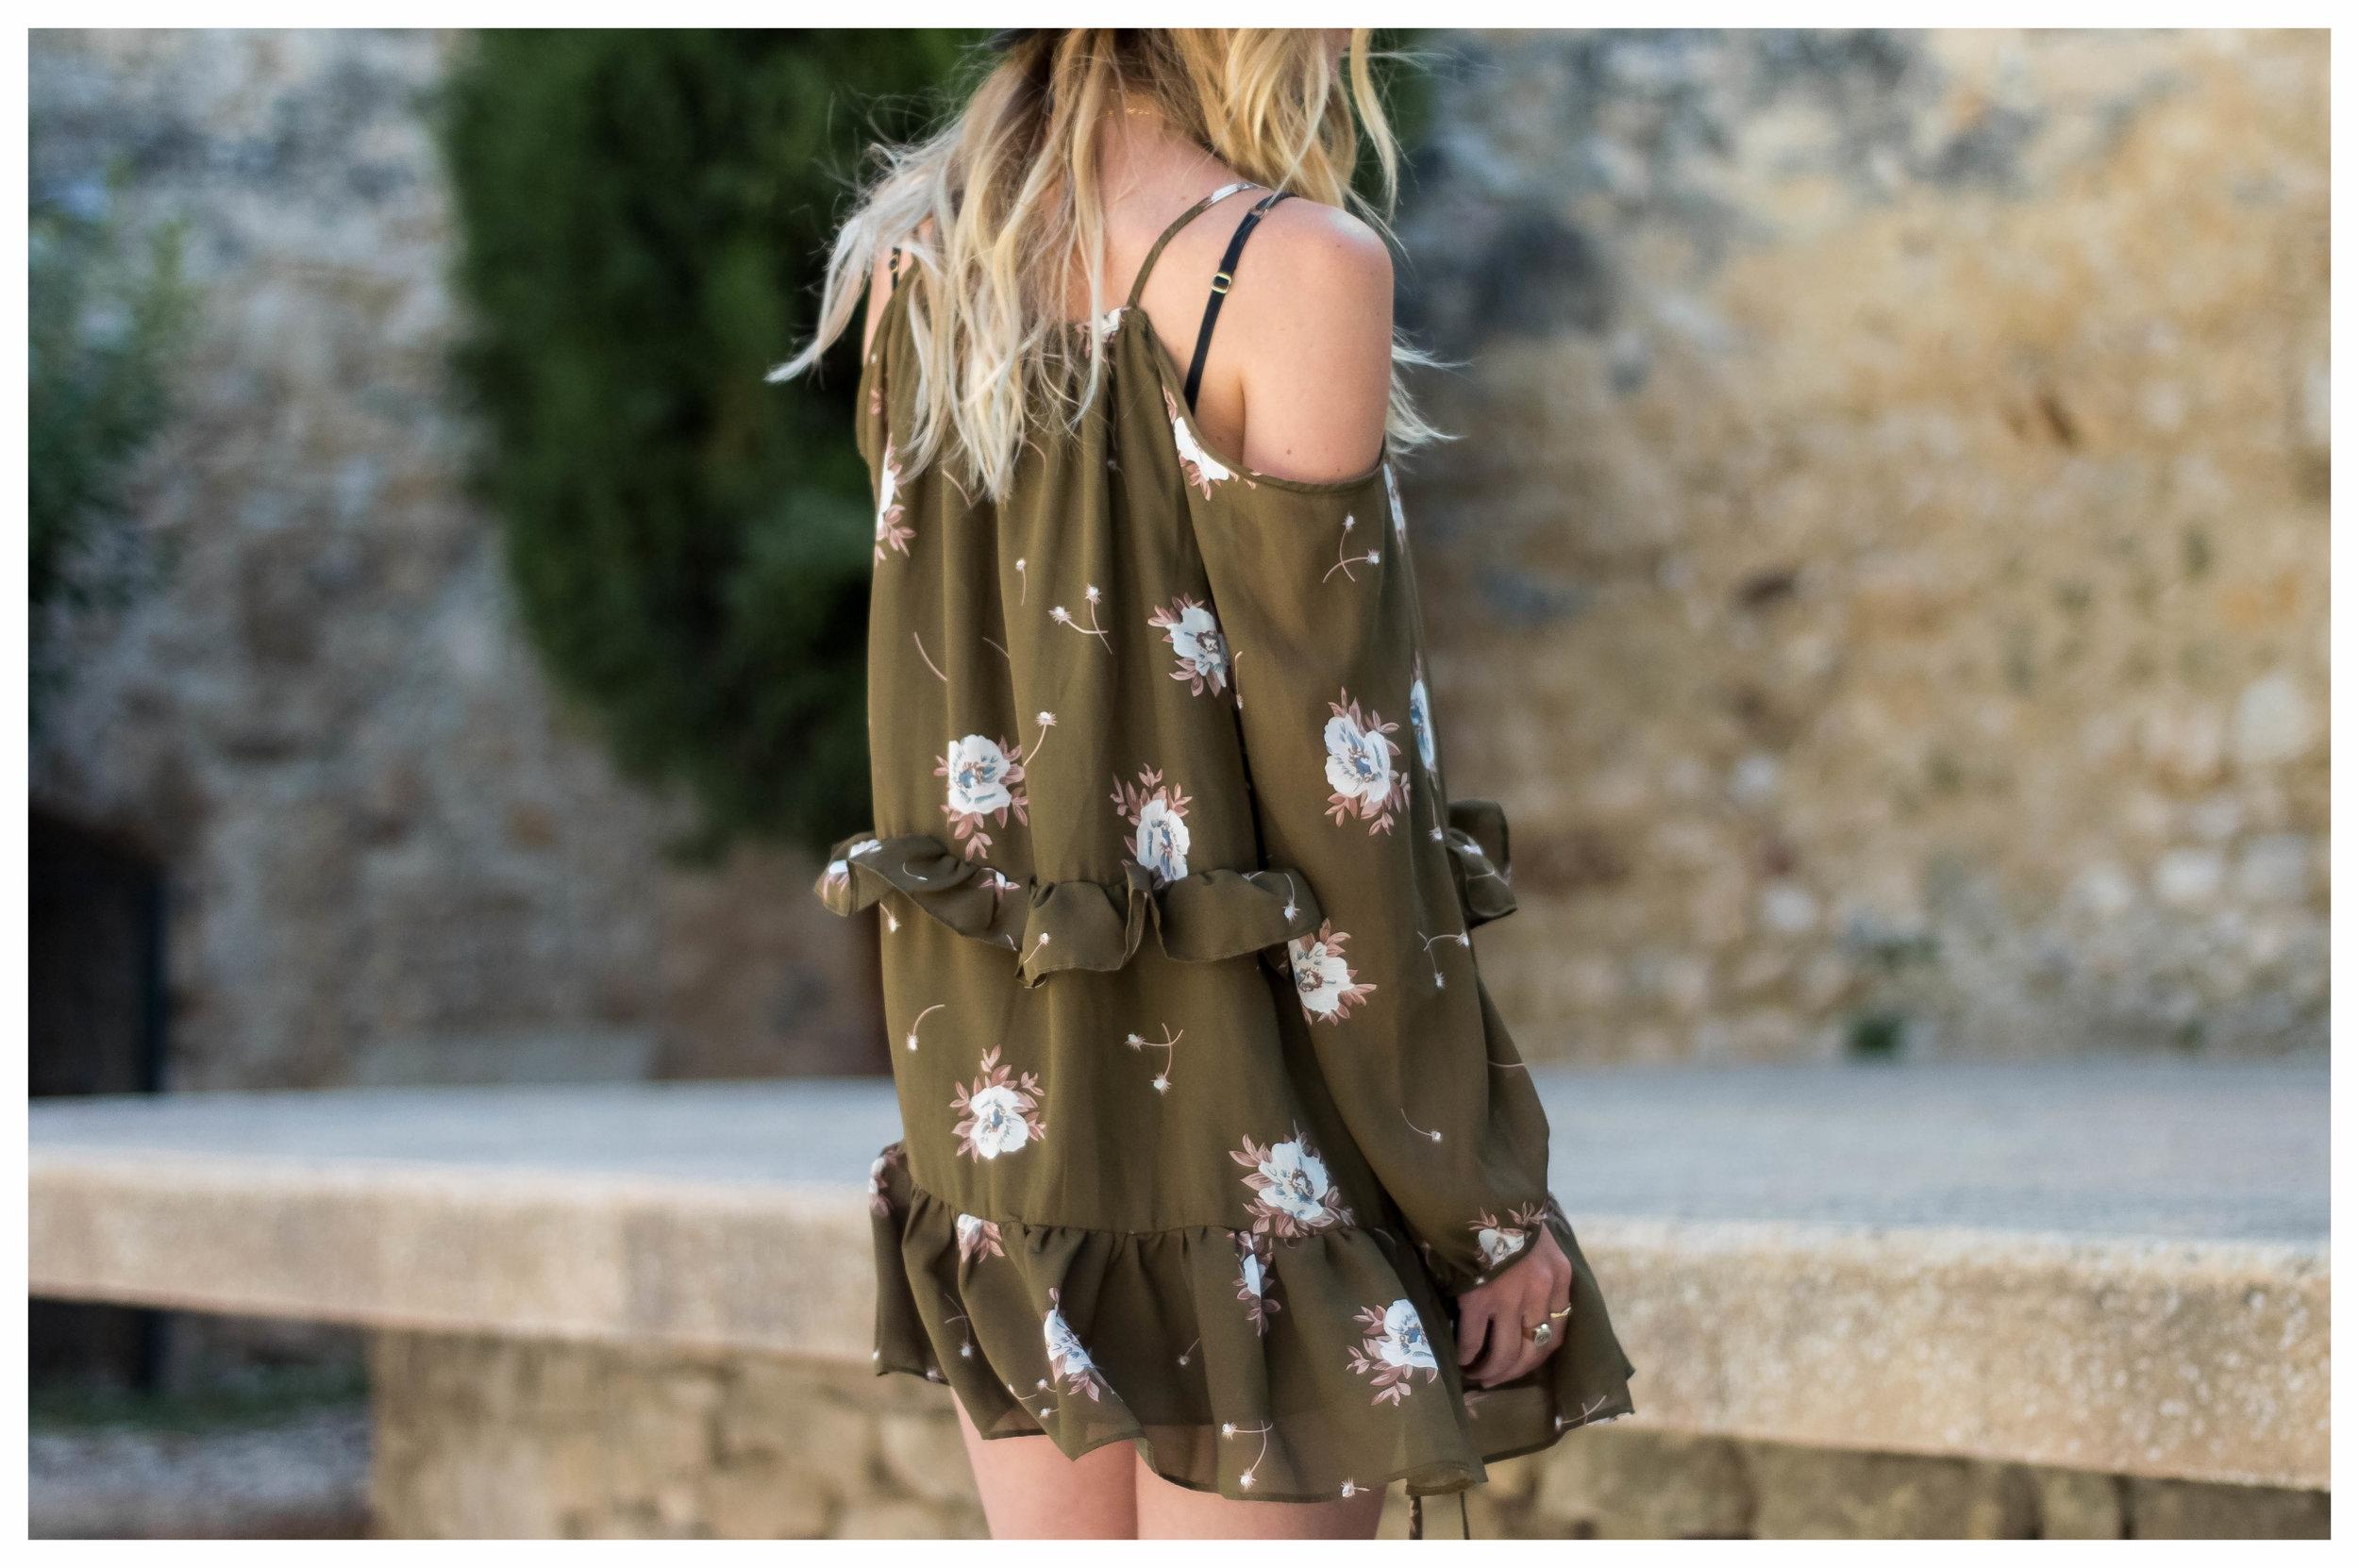 Cornillon Dress June - OSIARAH.COM (8 of 14).jpg